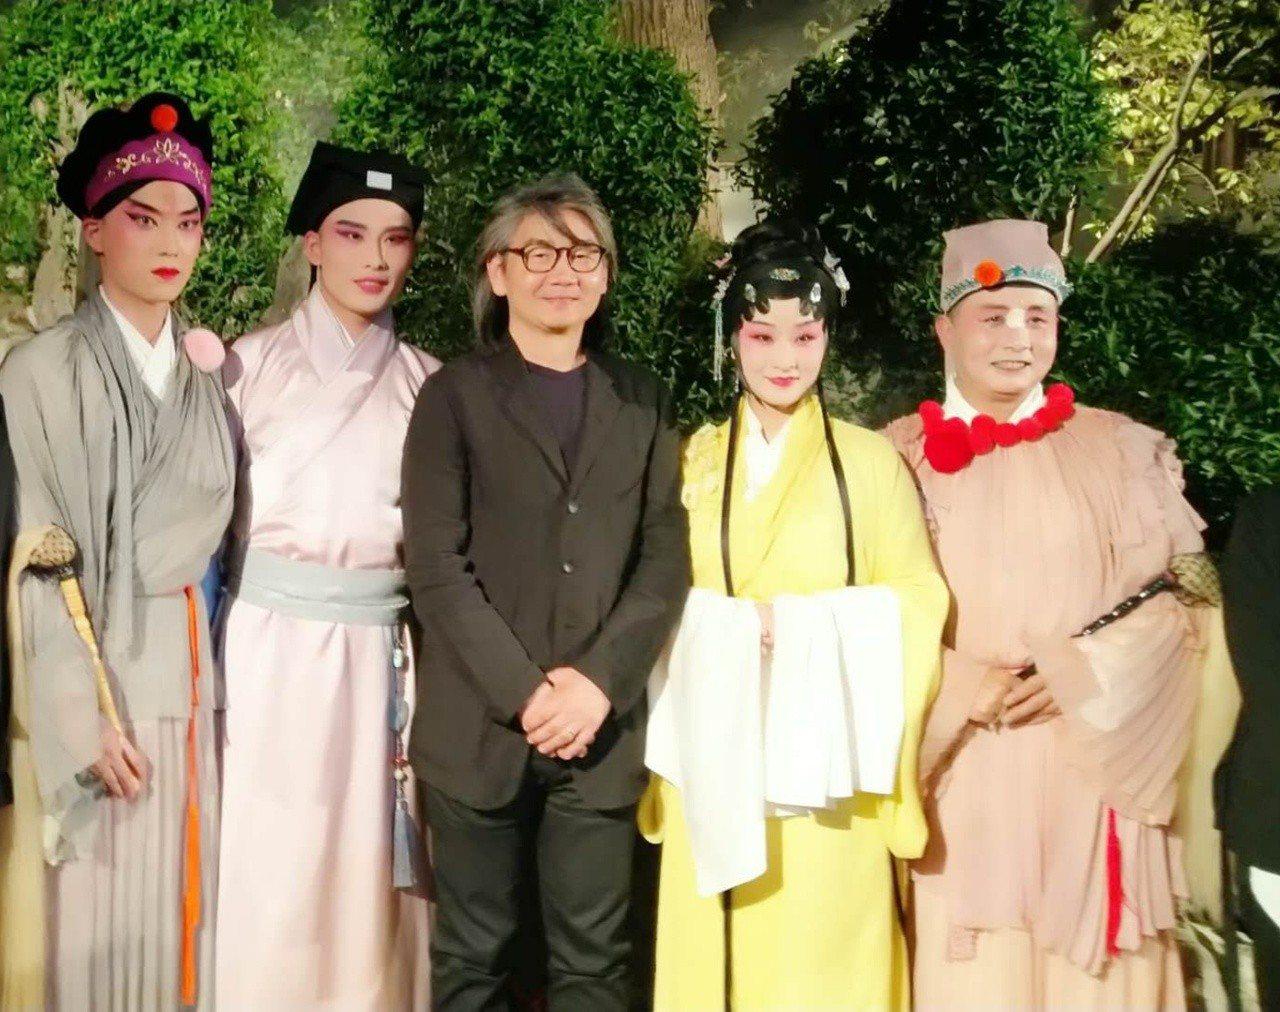 漫畫家朱德庸21日與「浮生六記」演員合影。江蘇發展大會方面提供